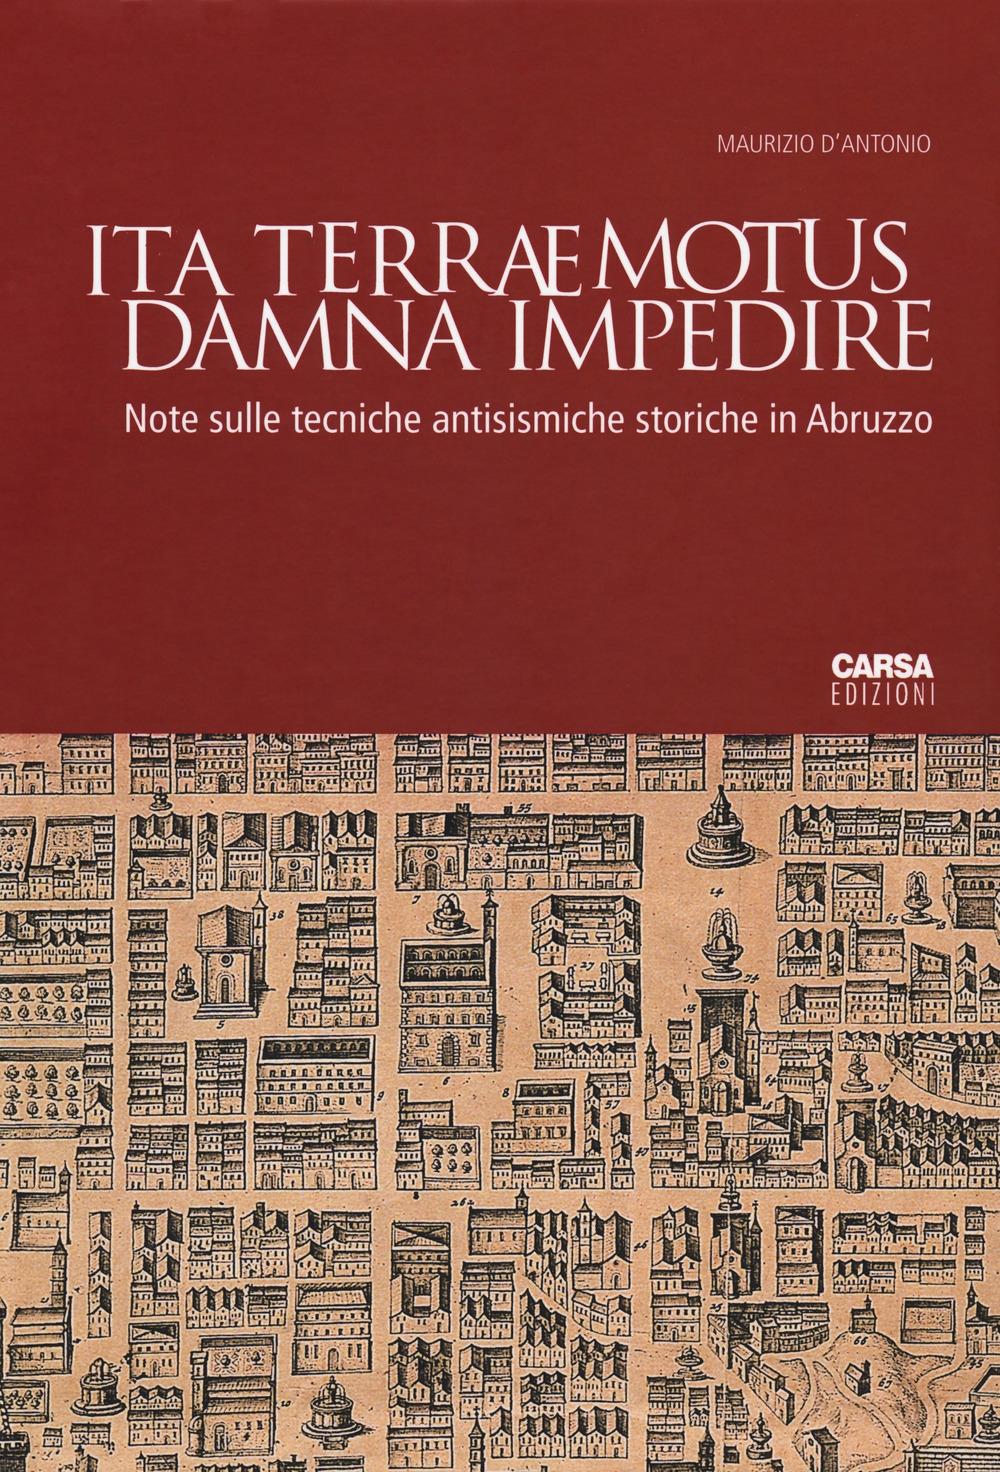 Ita terraemotus damna impedire. Note sulle tecniche antisismiche storiche in Abruzzo